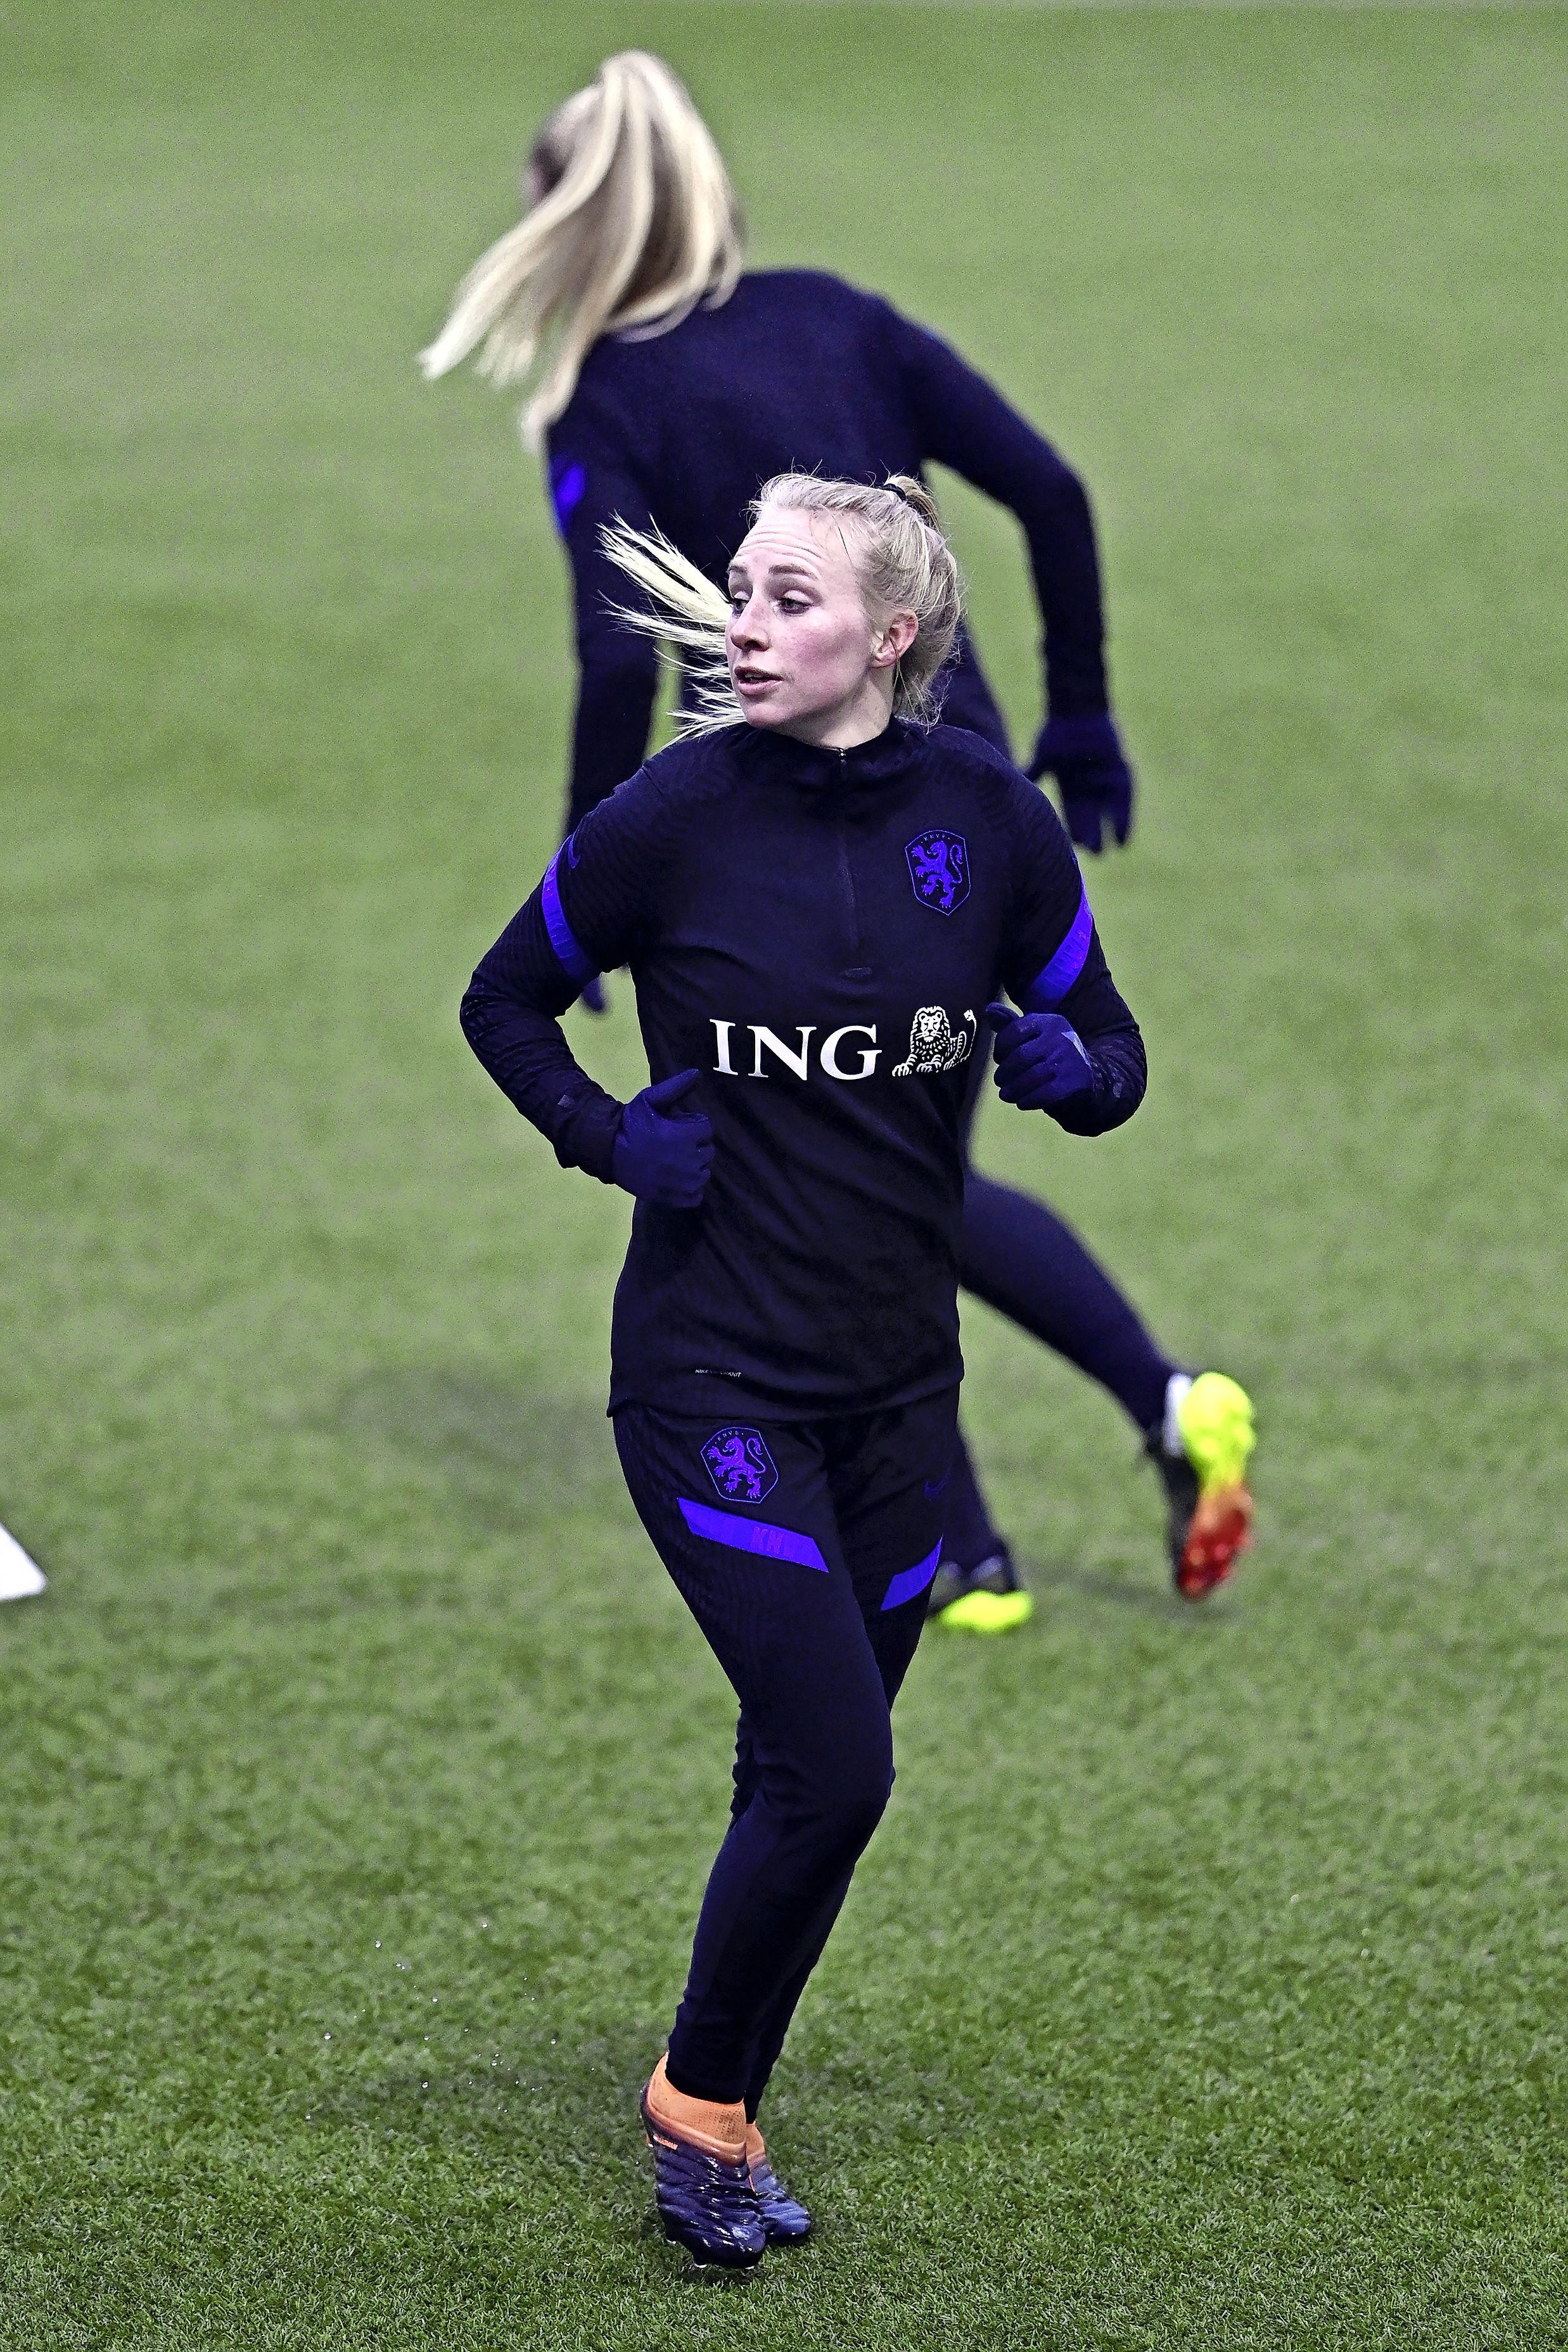 Bovenkarspelse voetbalinternational Inessa Kaagman heeft Olympische Spelen inmiddels toch op haar bucketlist staan: 'Toen we ons plaatsten ging iedereen los, dat was wel een kippenvelmoment'